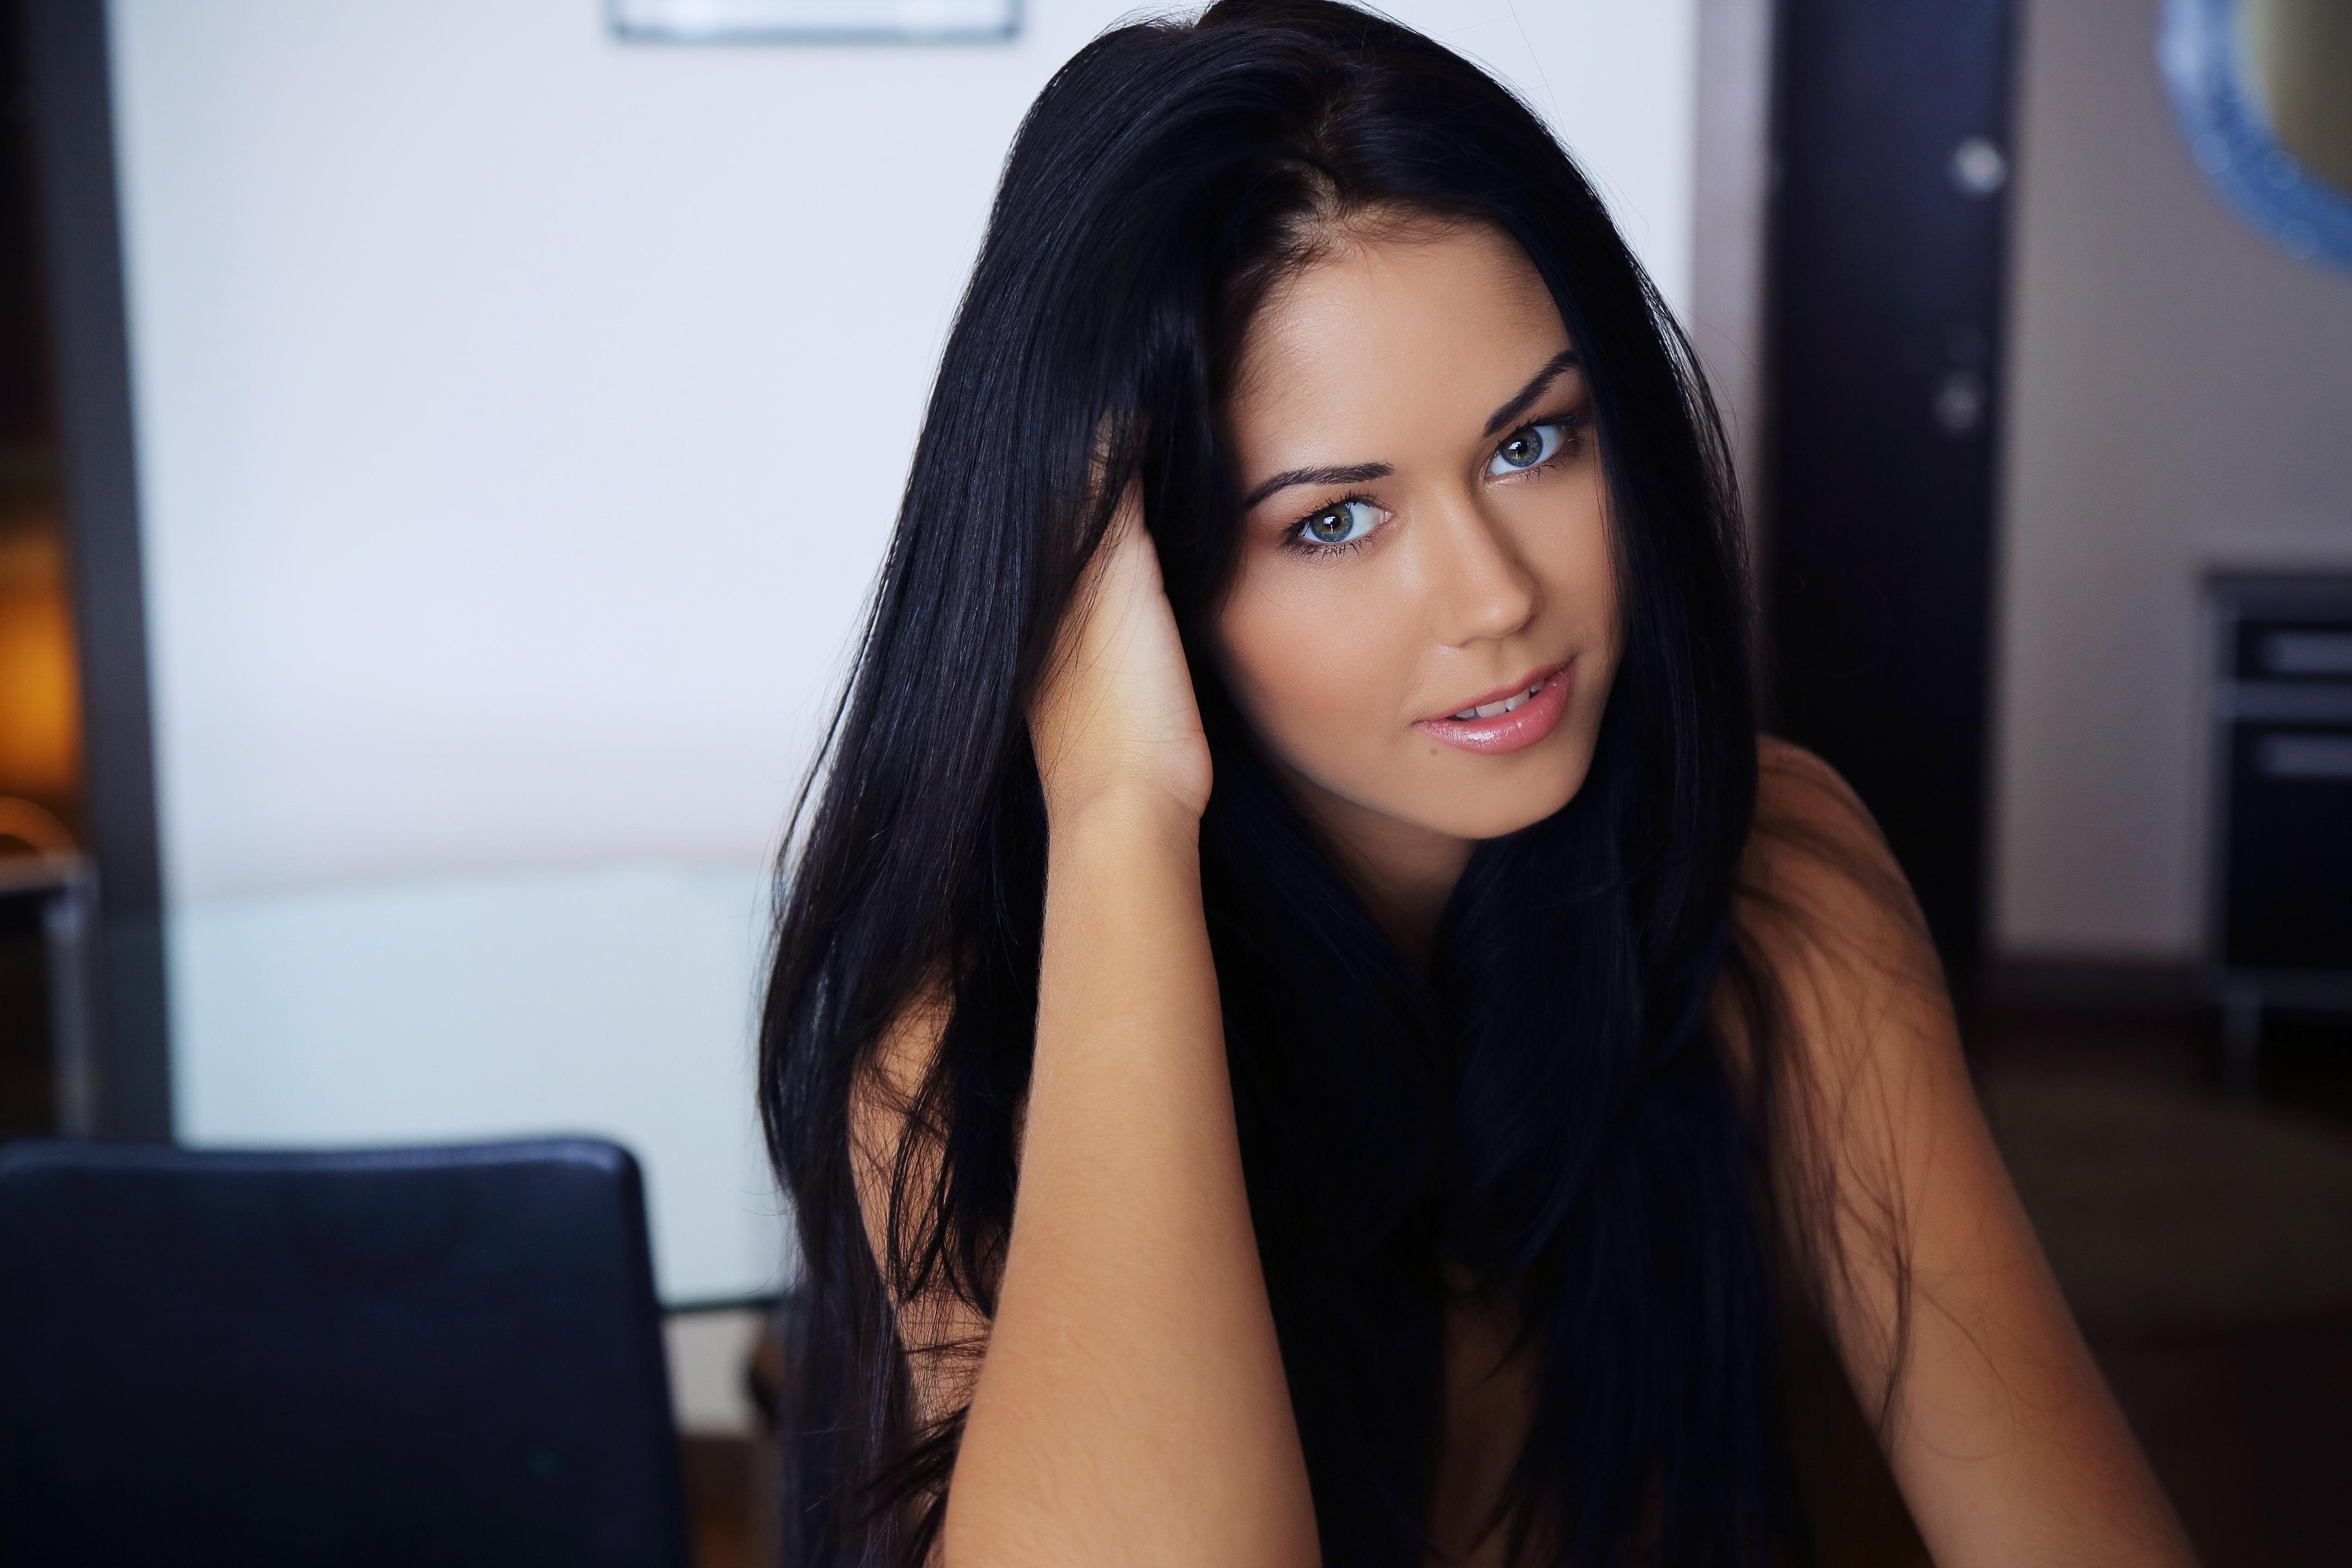 Фото красивой девушке брюнетки одной и той же 15 фотография